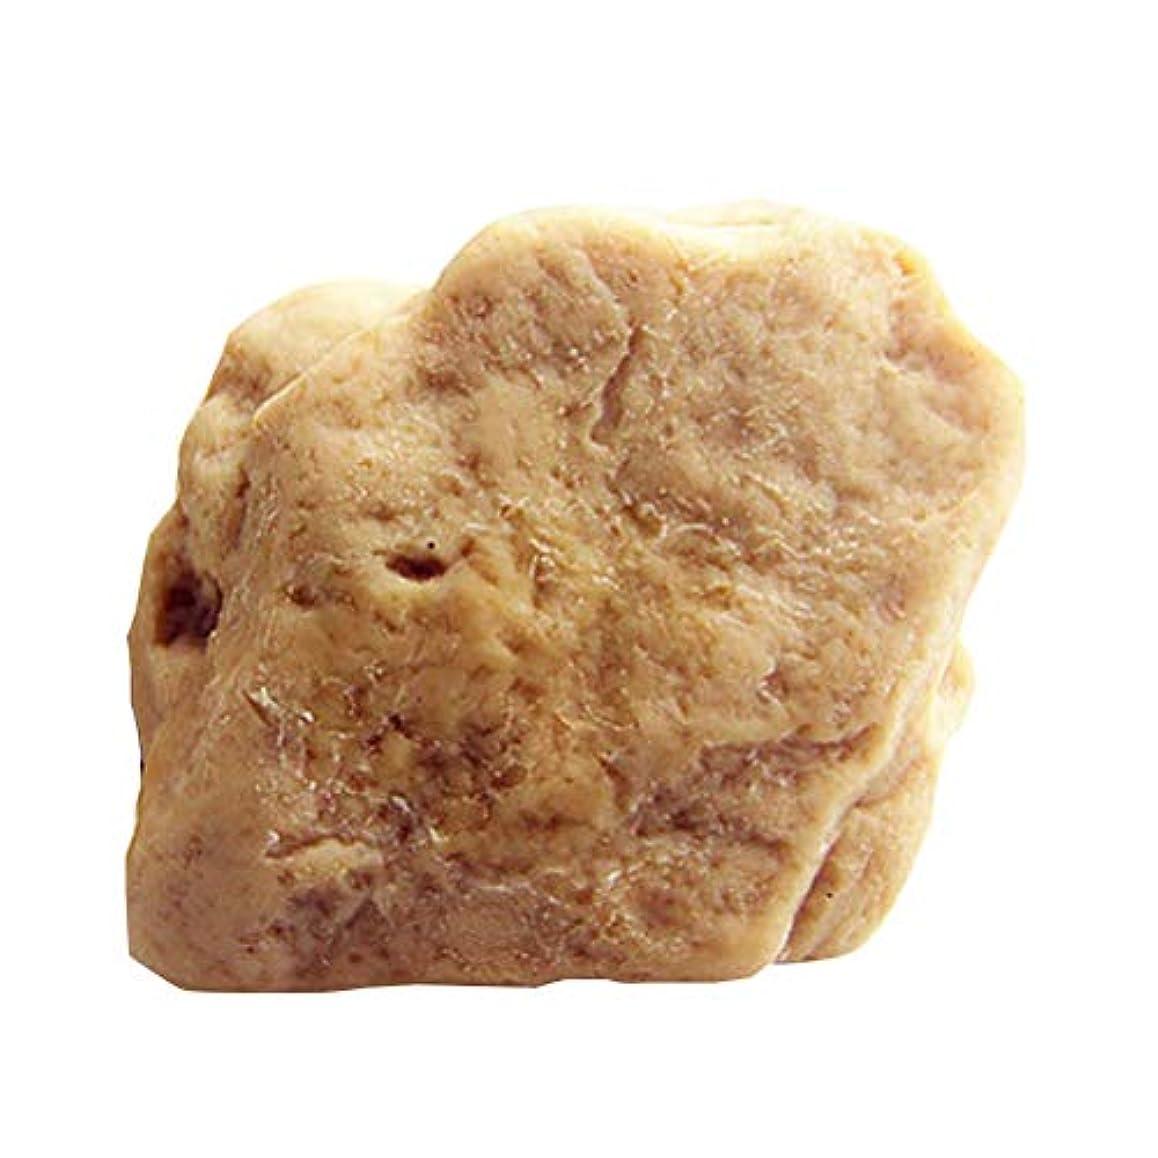 ラッカスジャングル未亡人Creacom オリーブオイル 石鹸 肌に優しい無添加 毛穴 対策 洗顔石鹸 保湿 固形 毛穴 黒ずみ 肌荒れ くすみ ニキビ 美白 美肌 角質除去 肌荒れ 乾燥肌 オイル肌 混合肌 対策 全身可能